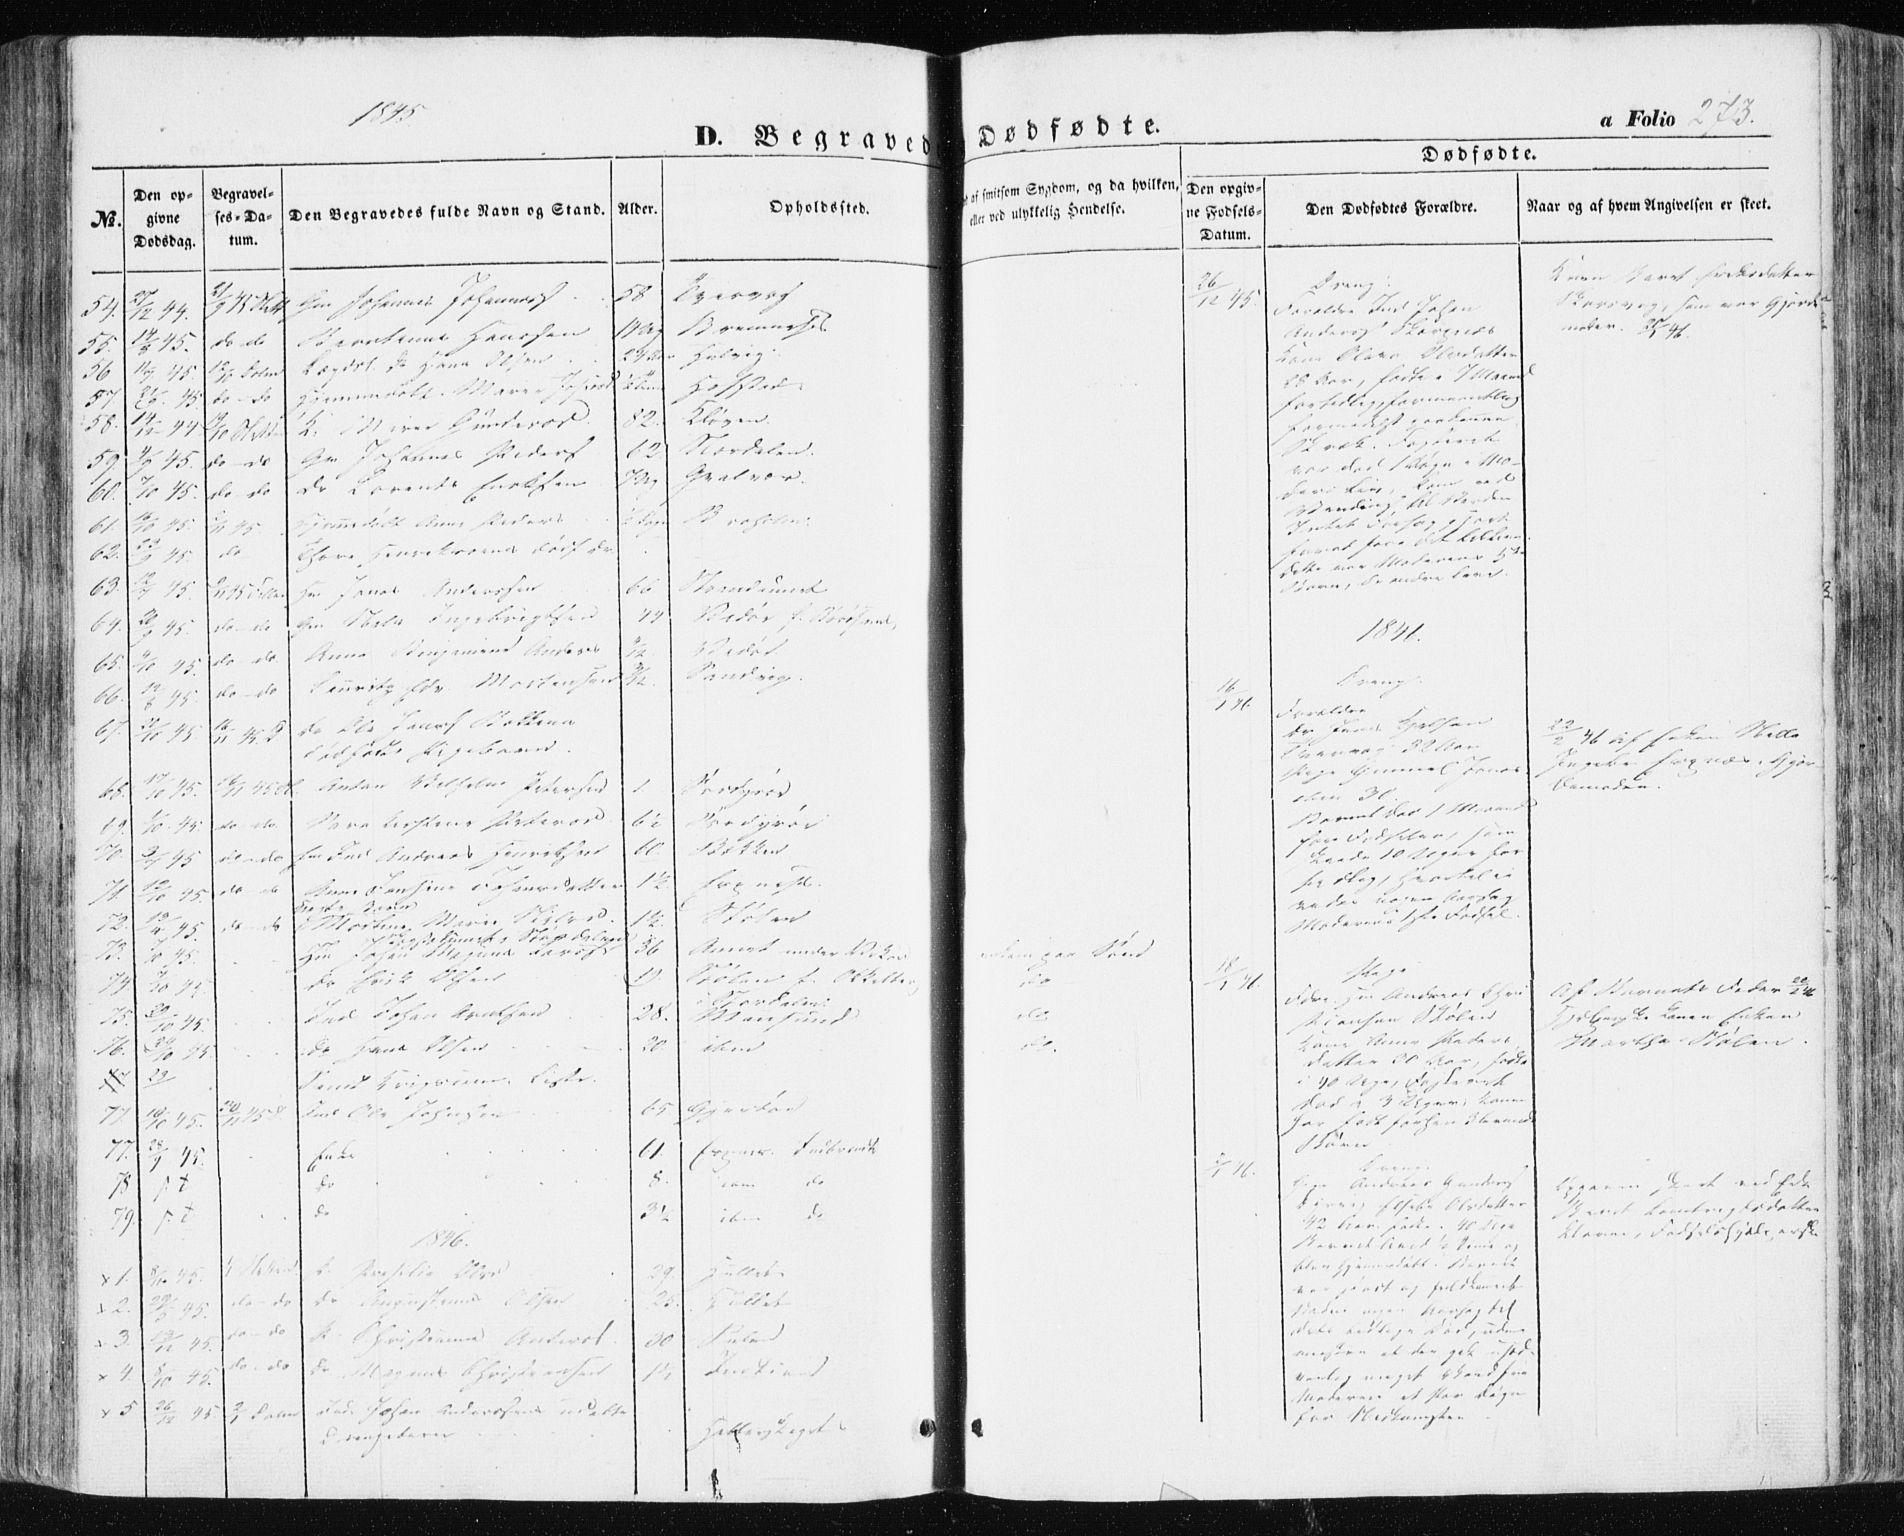 SAT, Ministerialprotokoller, klokkerbøker og fødselsregistre - Sør-Trøndelag, 634/L0529: Ministerialbok nr. 634A05, 1843-1851, s. 273